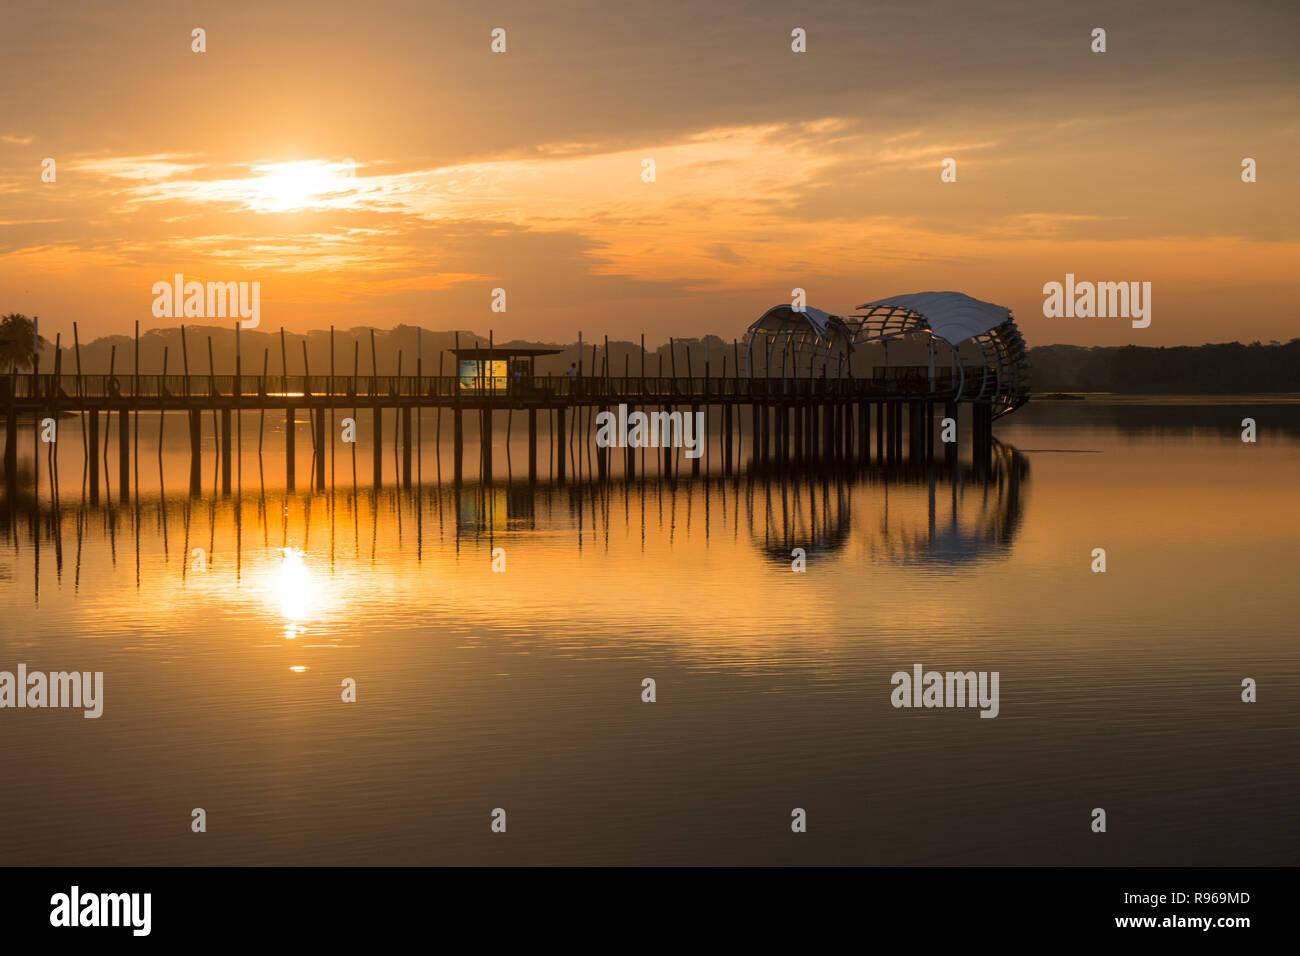 Sunrise at Lower Seletar Reservoir 1 - Stock Image